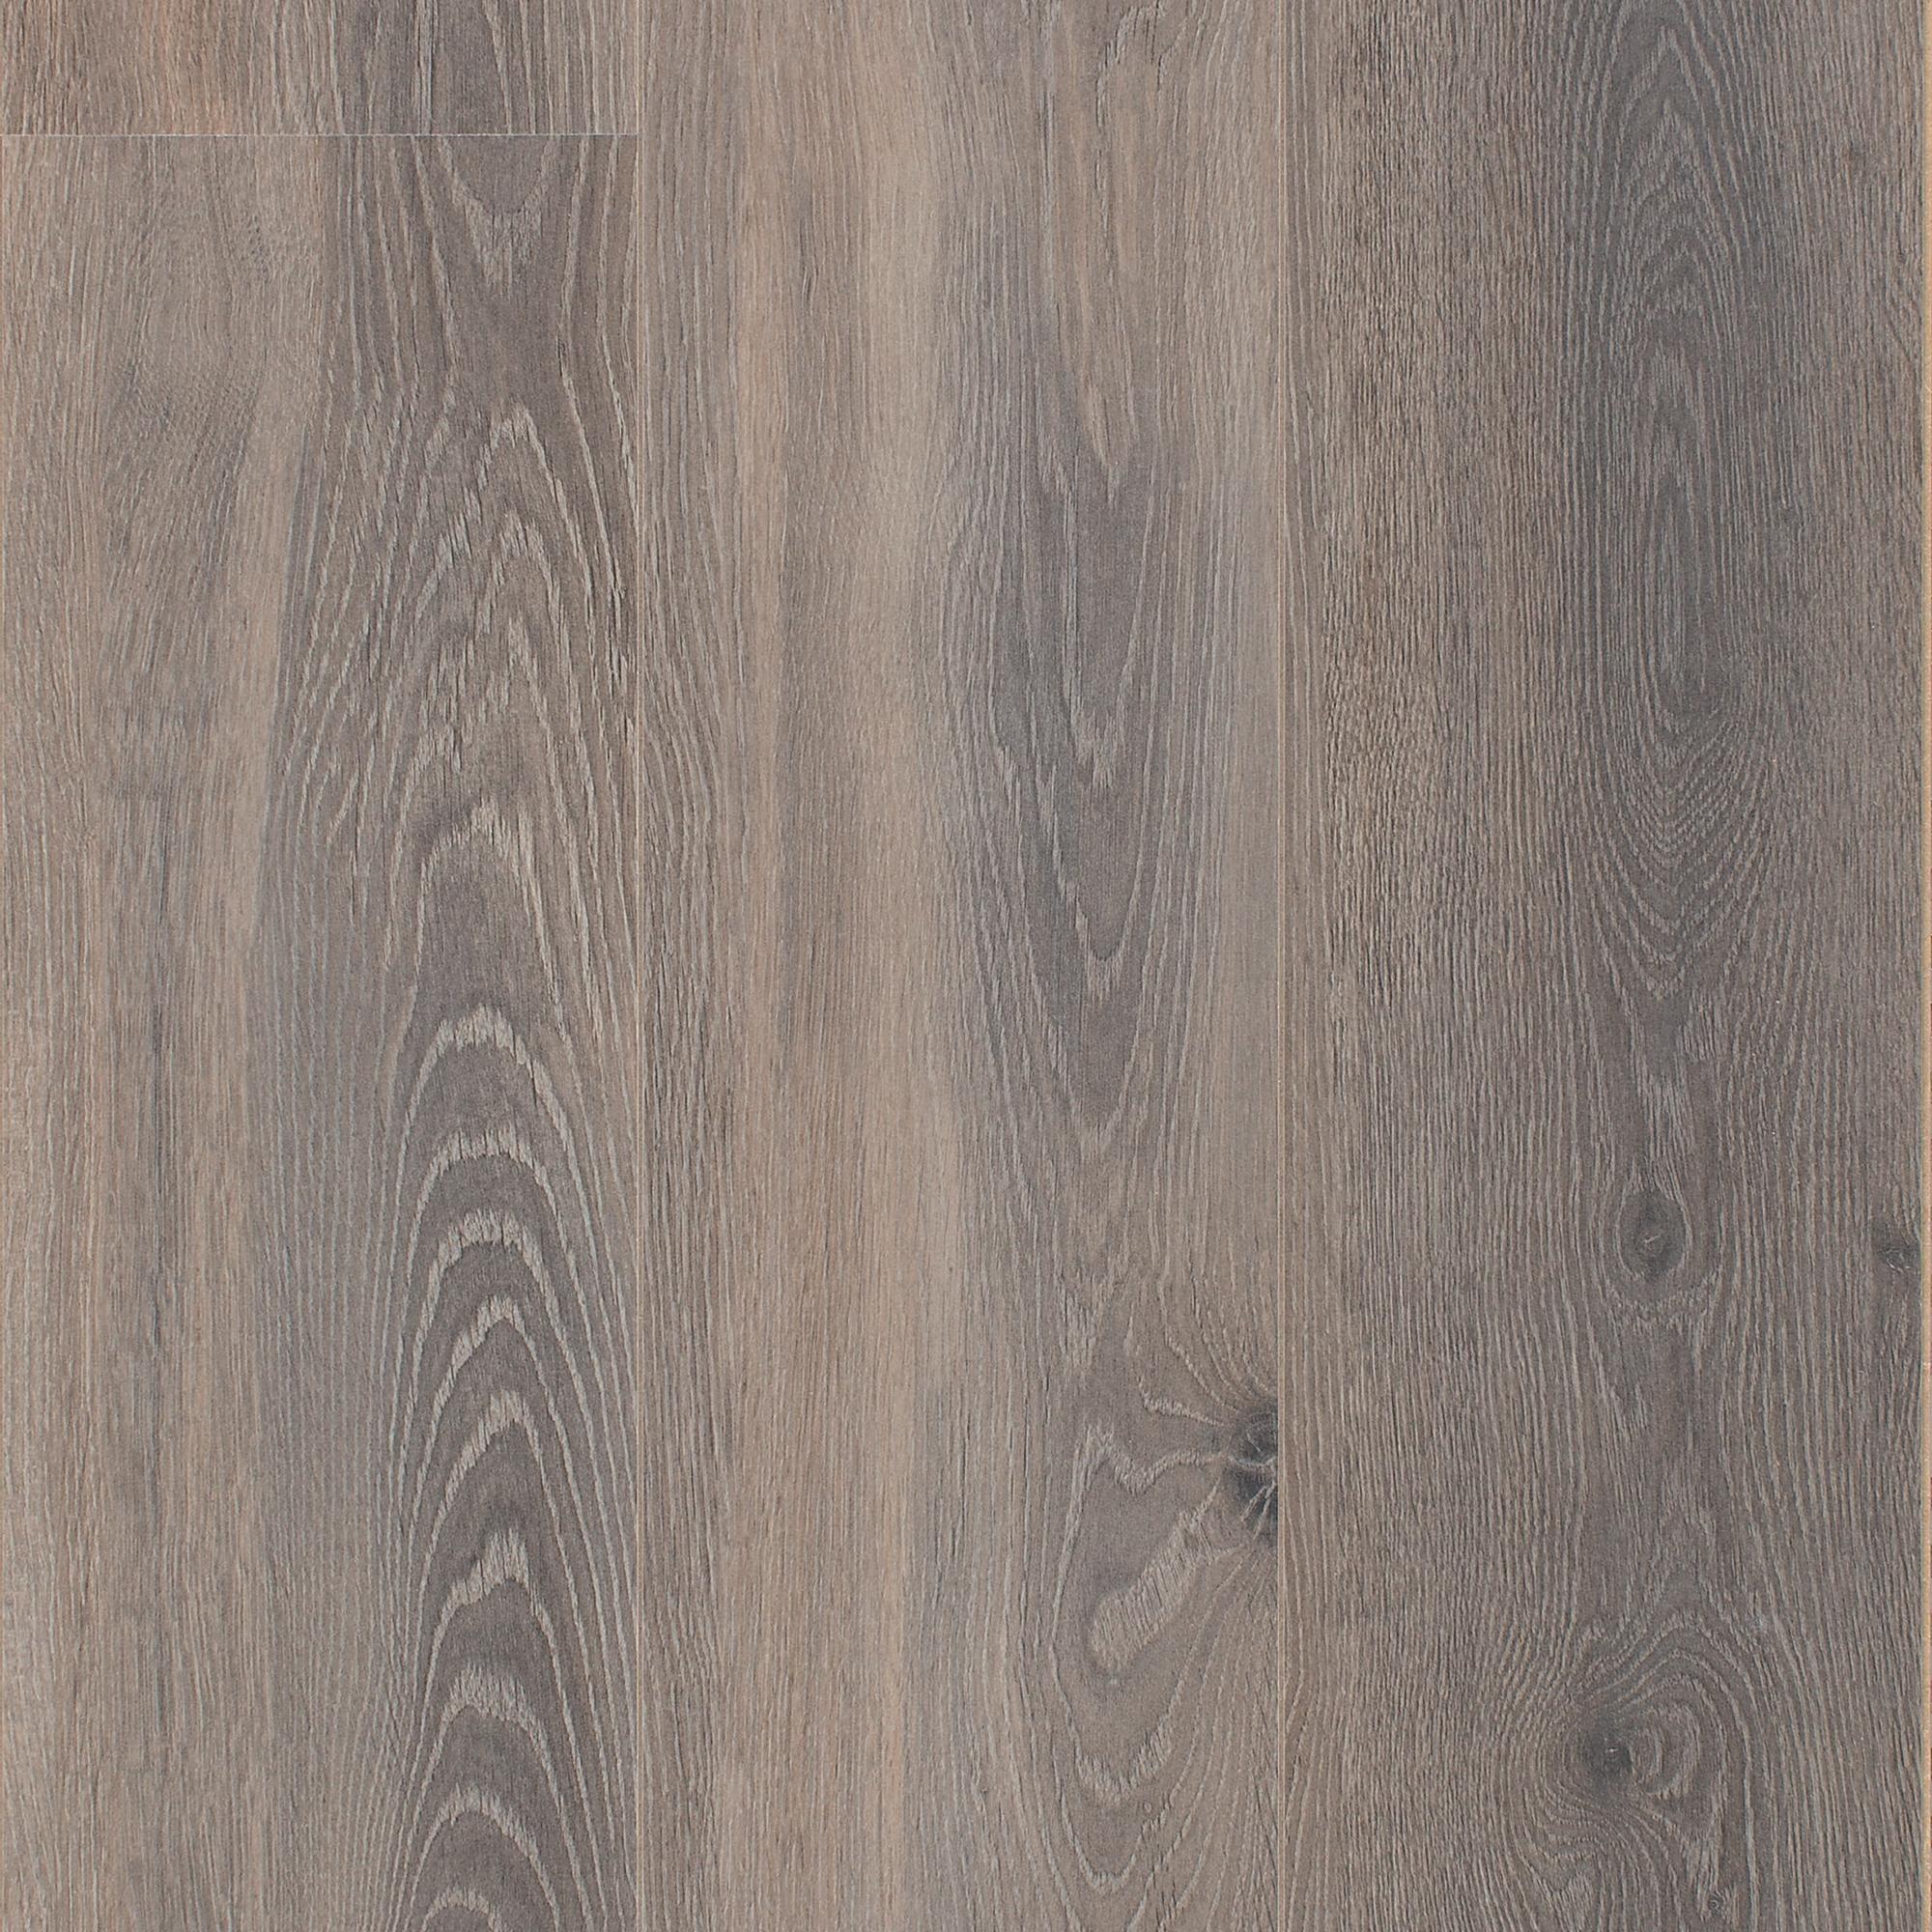 Laminatgolv BerryAlloc Original Elegant Soft Grey Oak 1-Stav